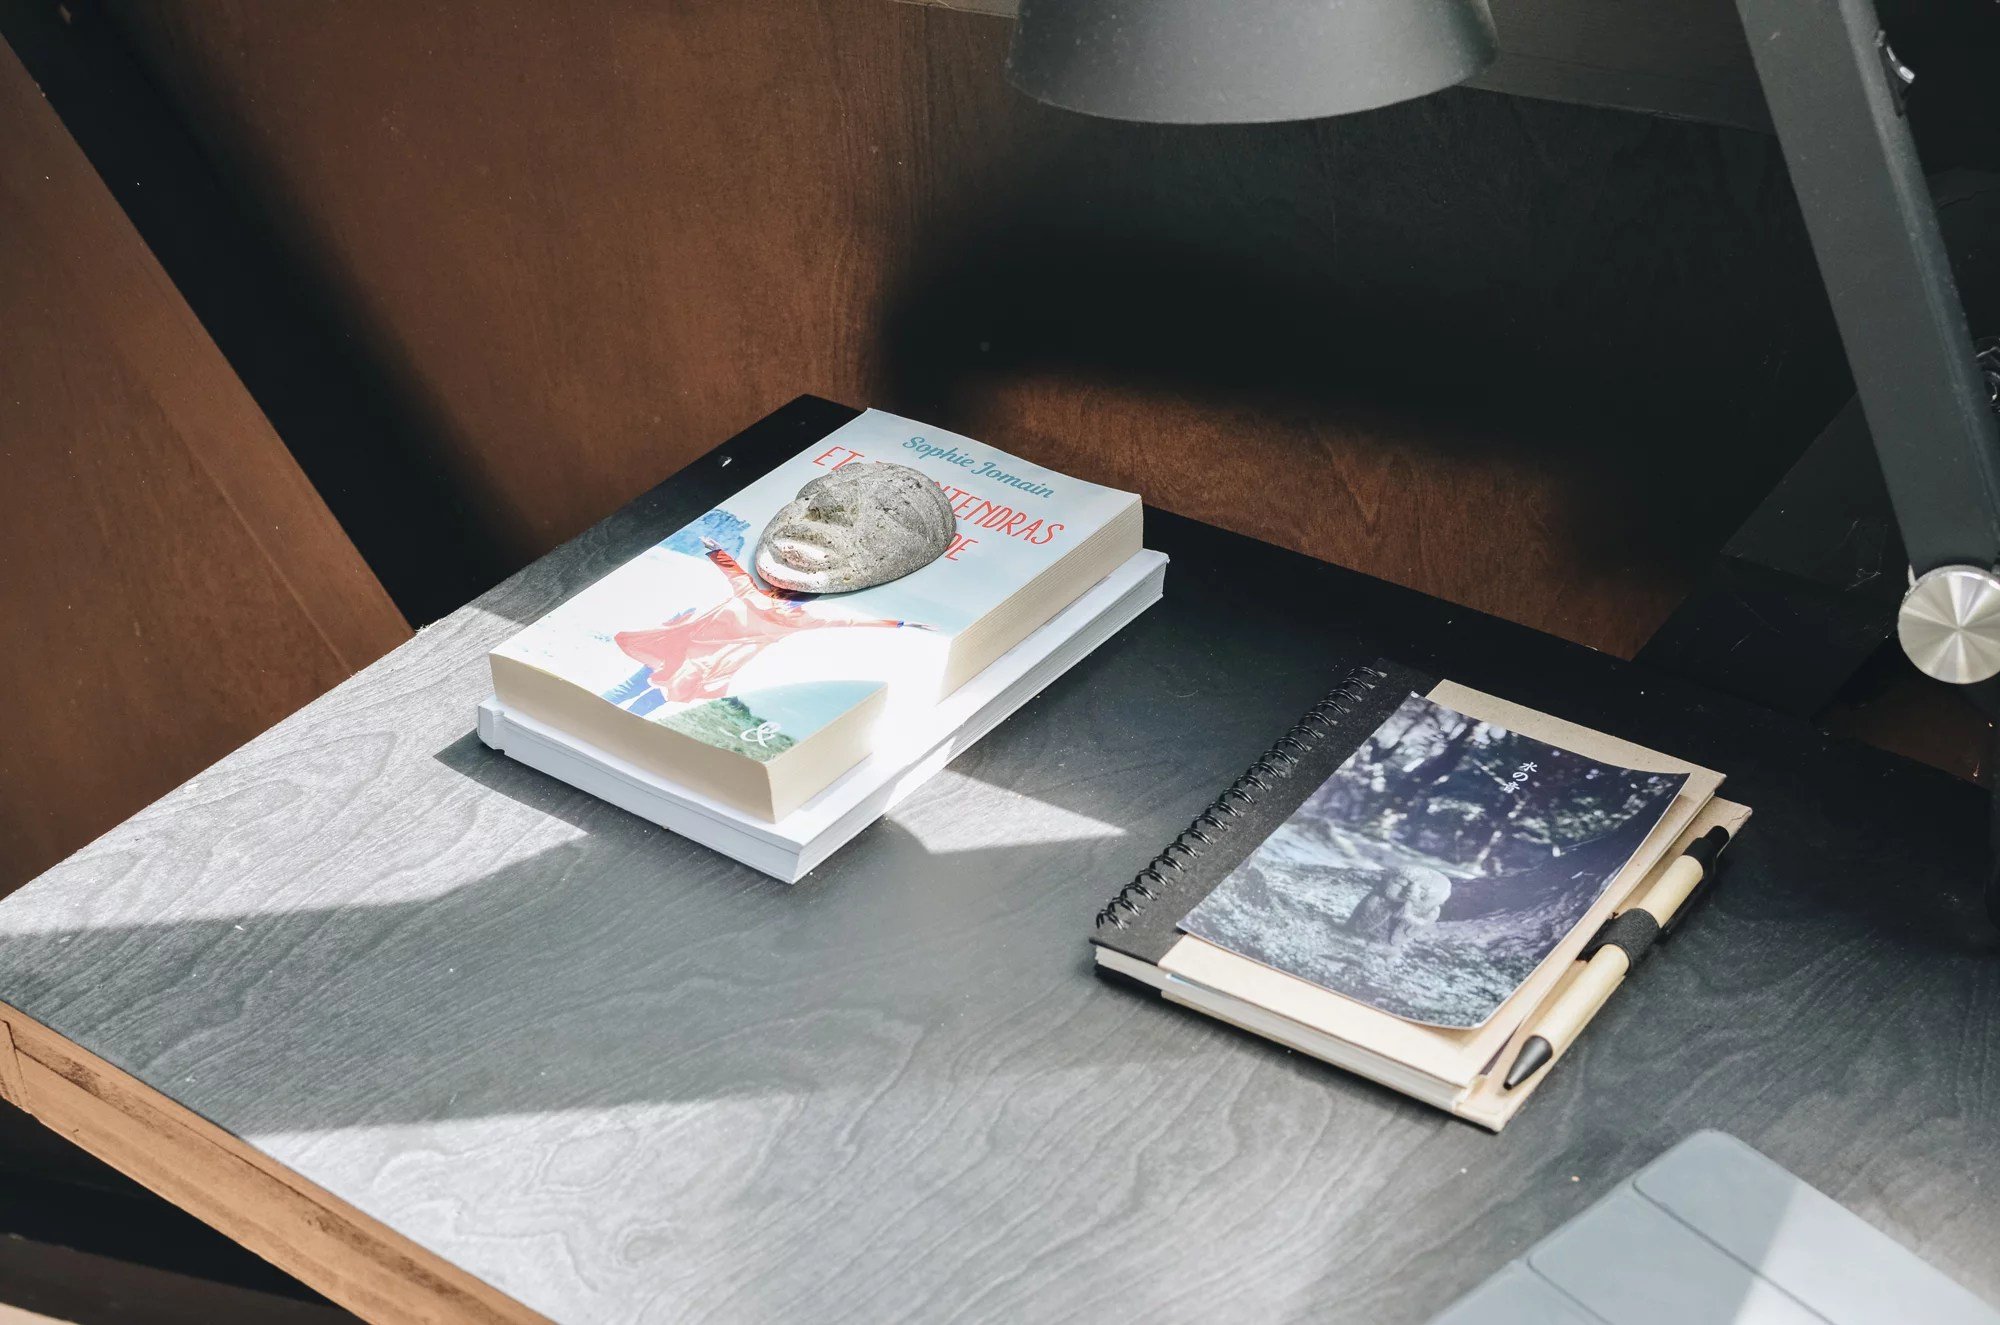 ASTROLABE lebruitdeleau ©marmille 8 - Une bulle d'oxygène dans l'astrolabe de Tibo - Le Bruit de l'Eau en Baie de Somme